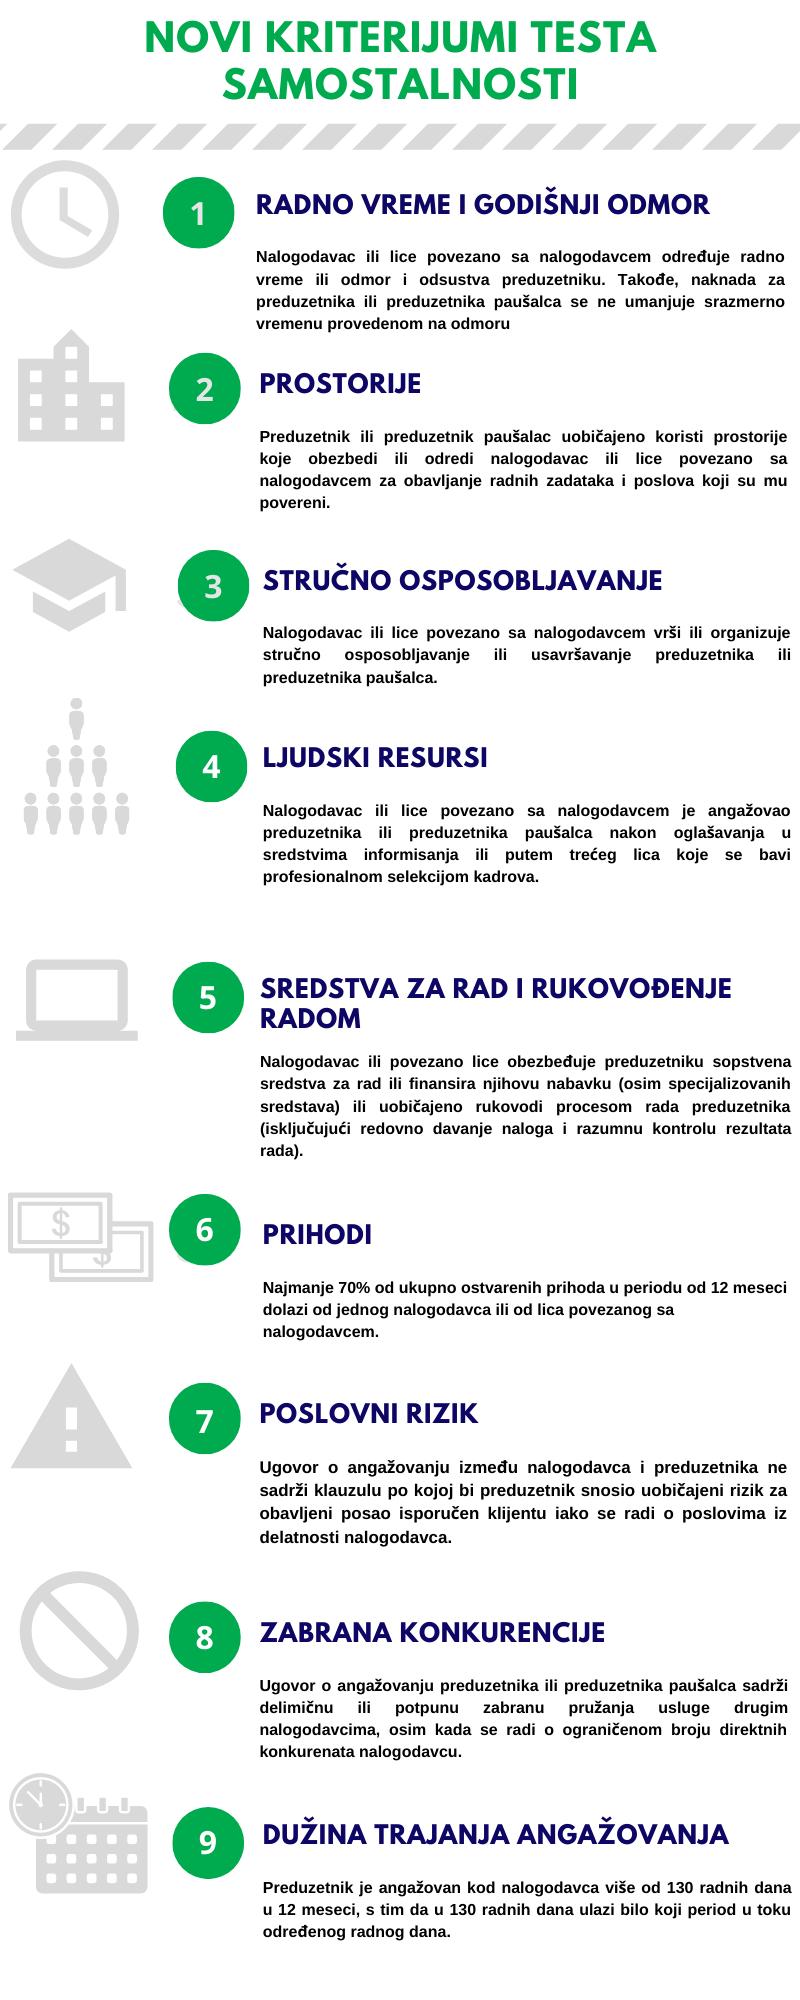 infografik o 9 novih kriterijuma za test samostalnosti za preduzetnike